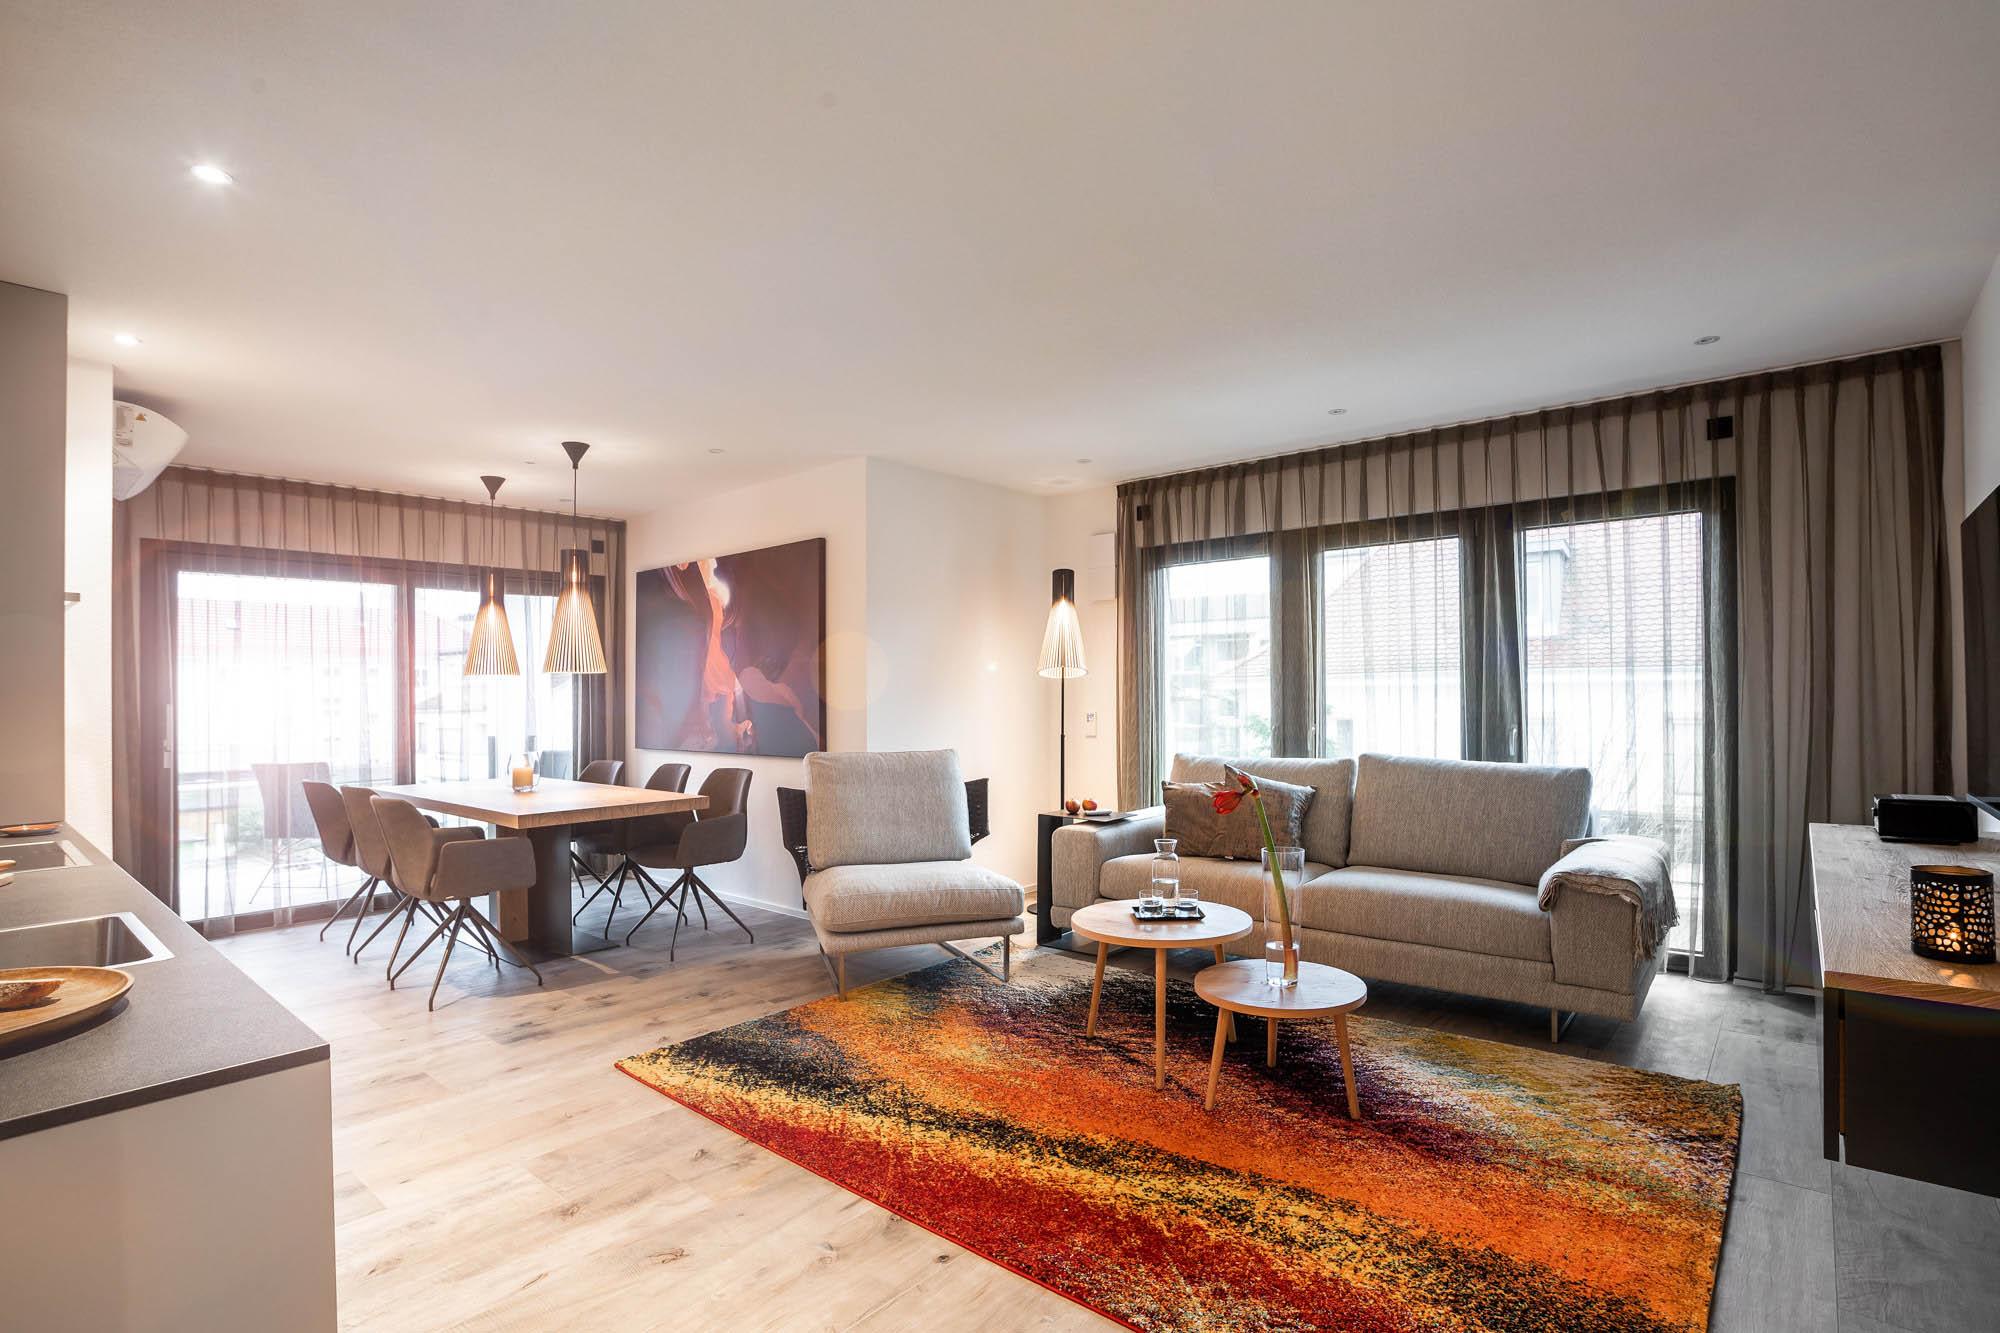 Superior02-Wohnzimmer